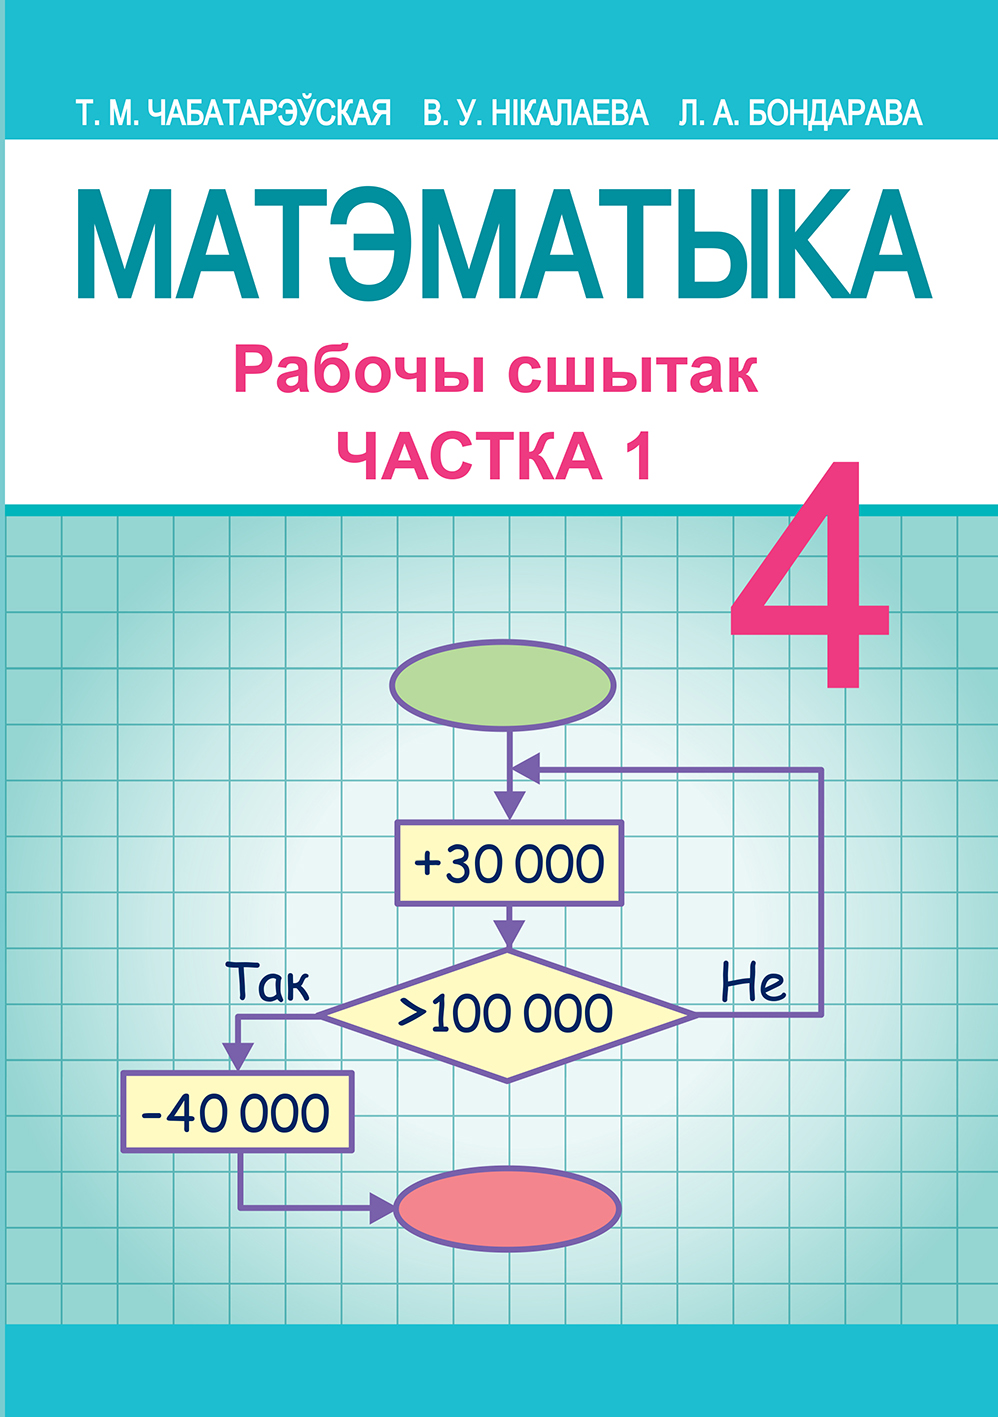 Матэматыка, 4 кл. Рабочы сшытак № 1